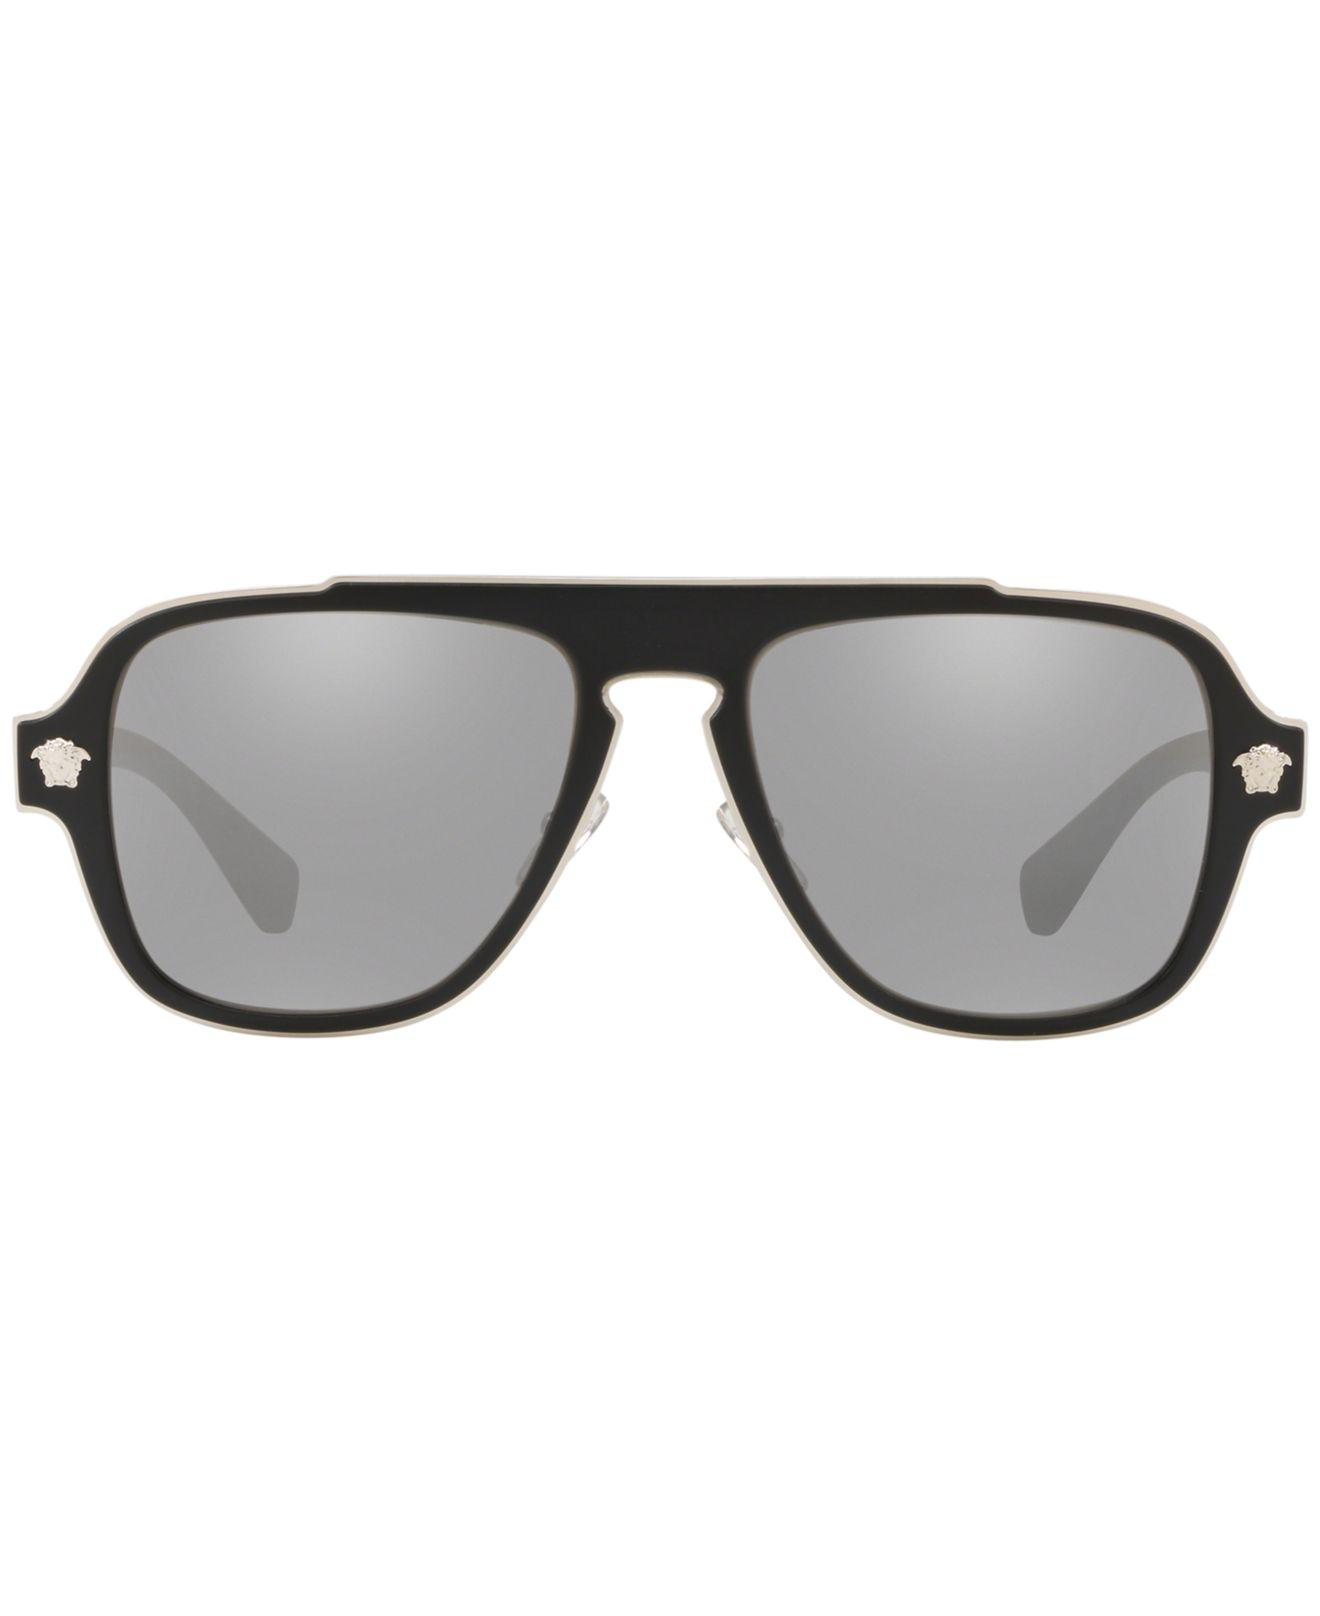 8c809a06f477b Versace Sunglasses